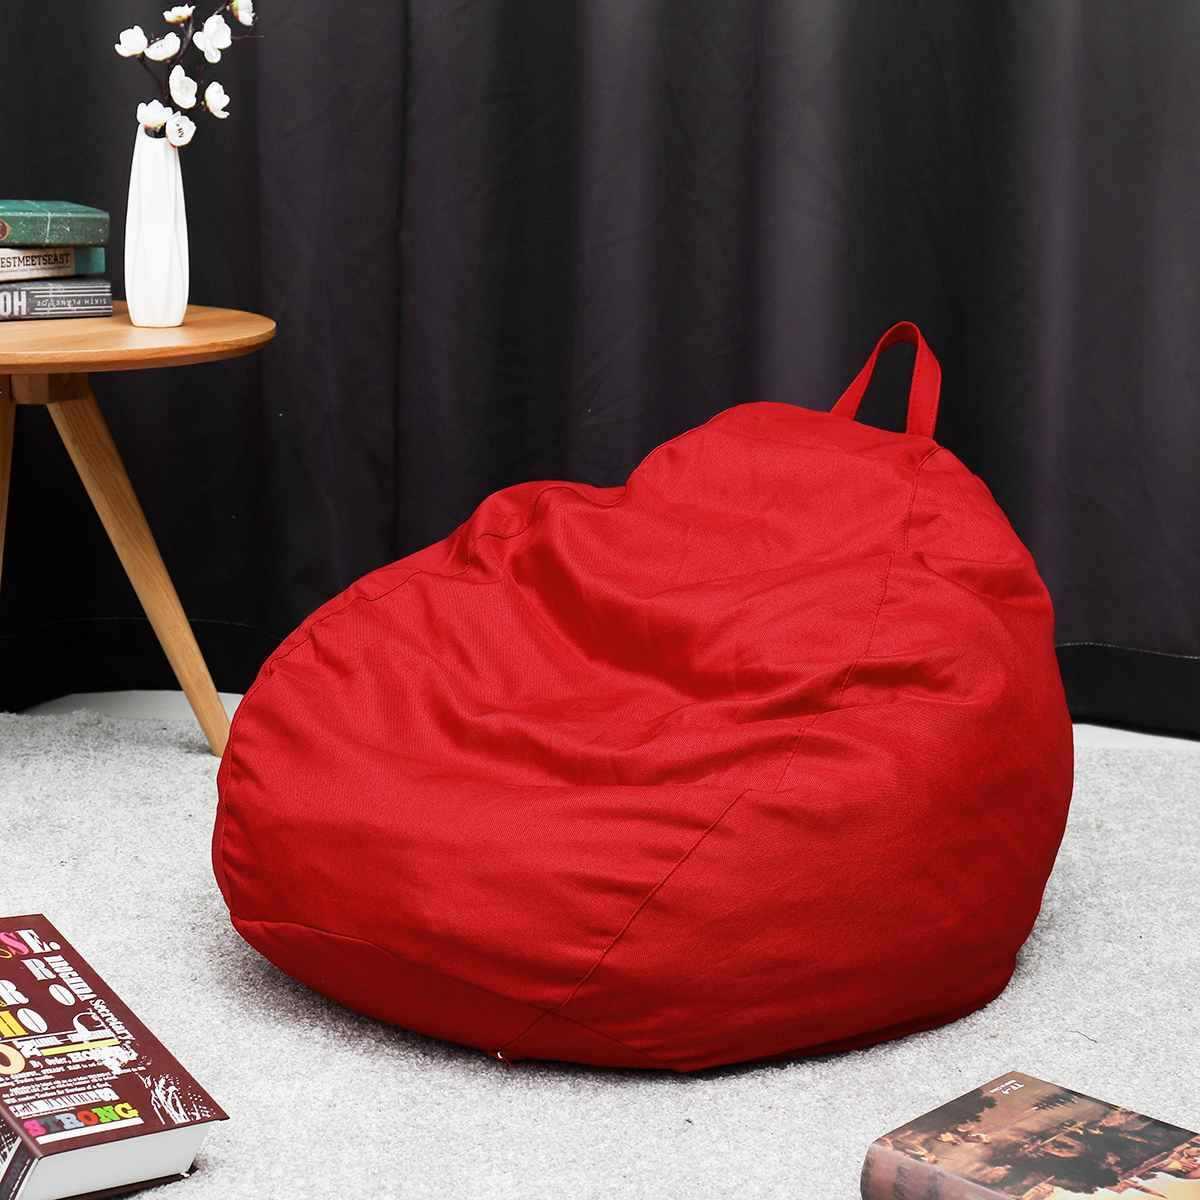 13 cores Preguiçoso BeanBag Sofás Cobrir Cadeiras sem Enchimento Pano de Linho Sopro Assento Do Saco De Feijão Pufe Espreguiçadeira Sofá Tatami Sala de Estar quarto